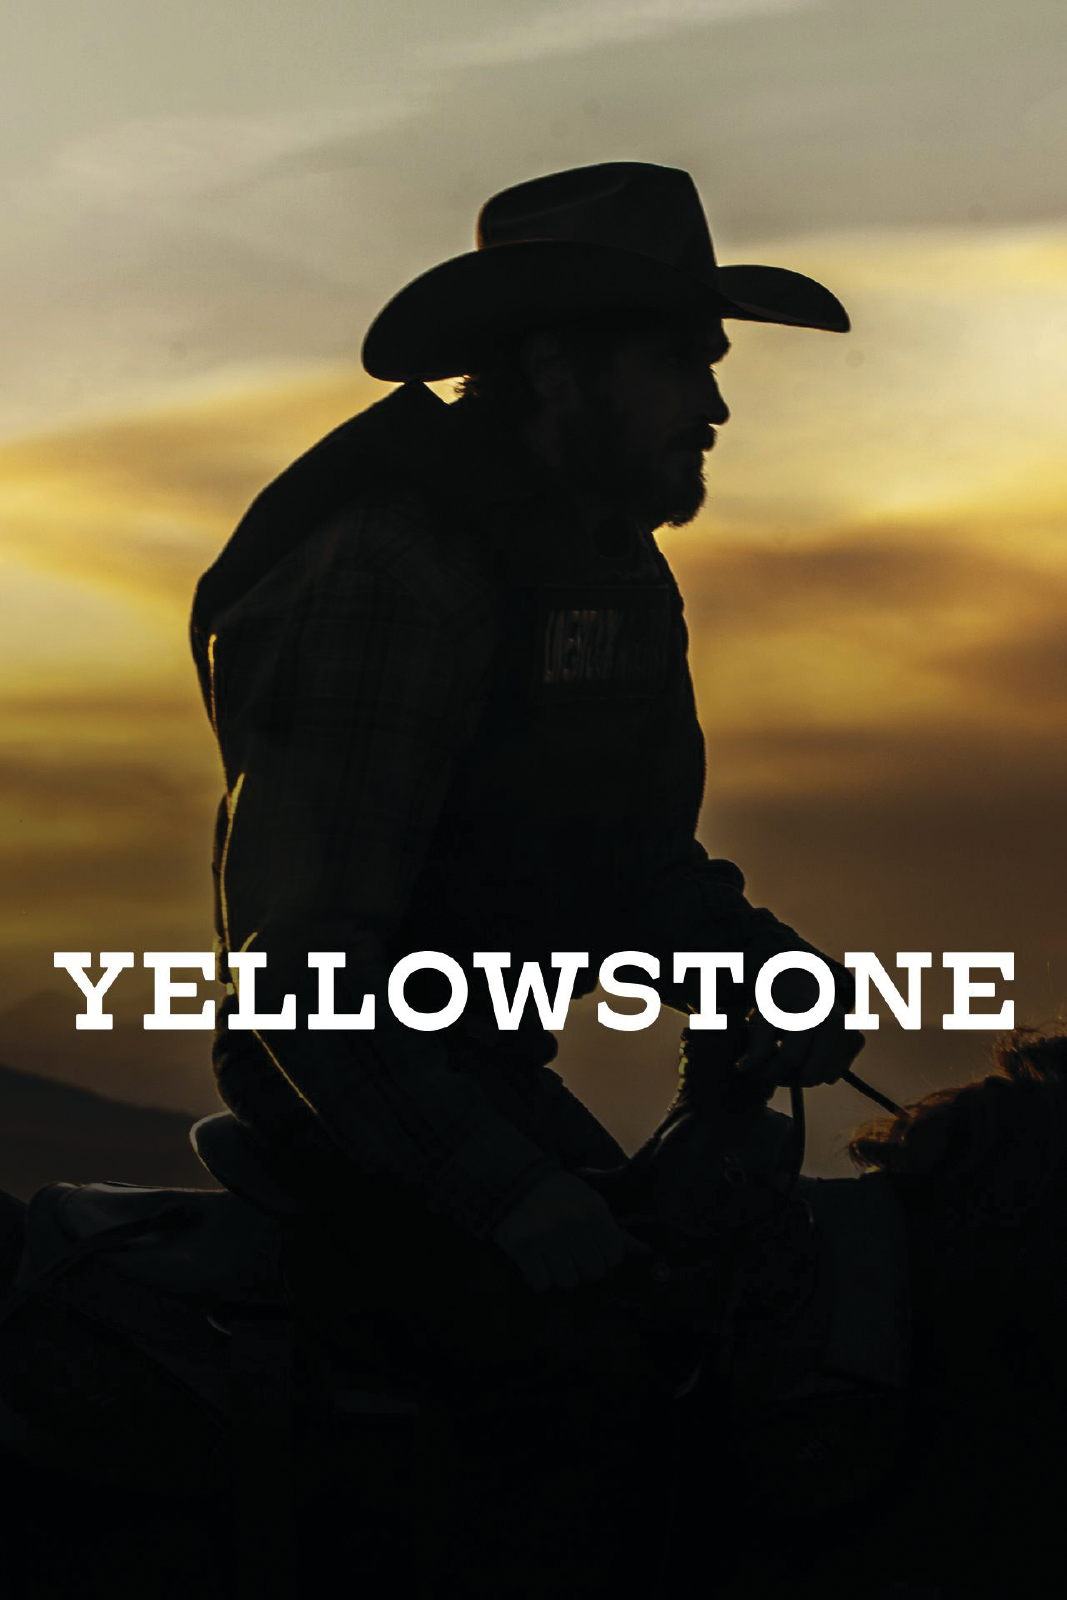 Affiche de yellowstone, série 2018, dans rdv pris pour go out juin 2018